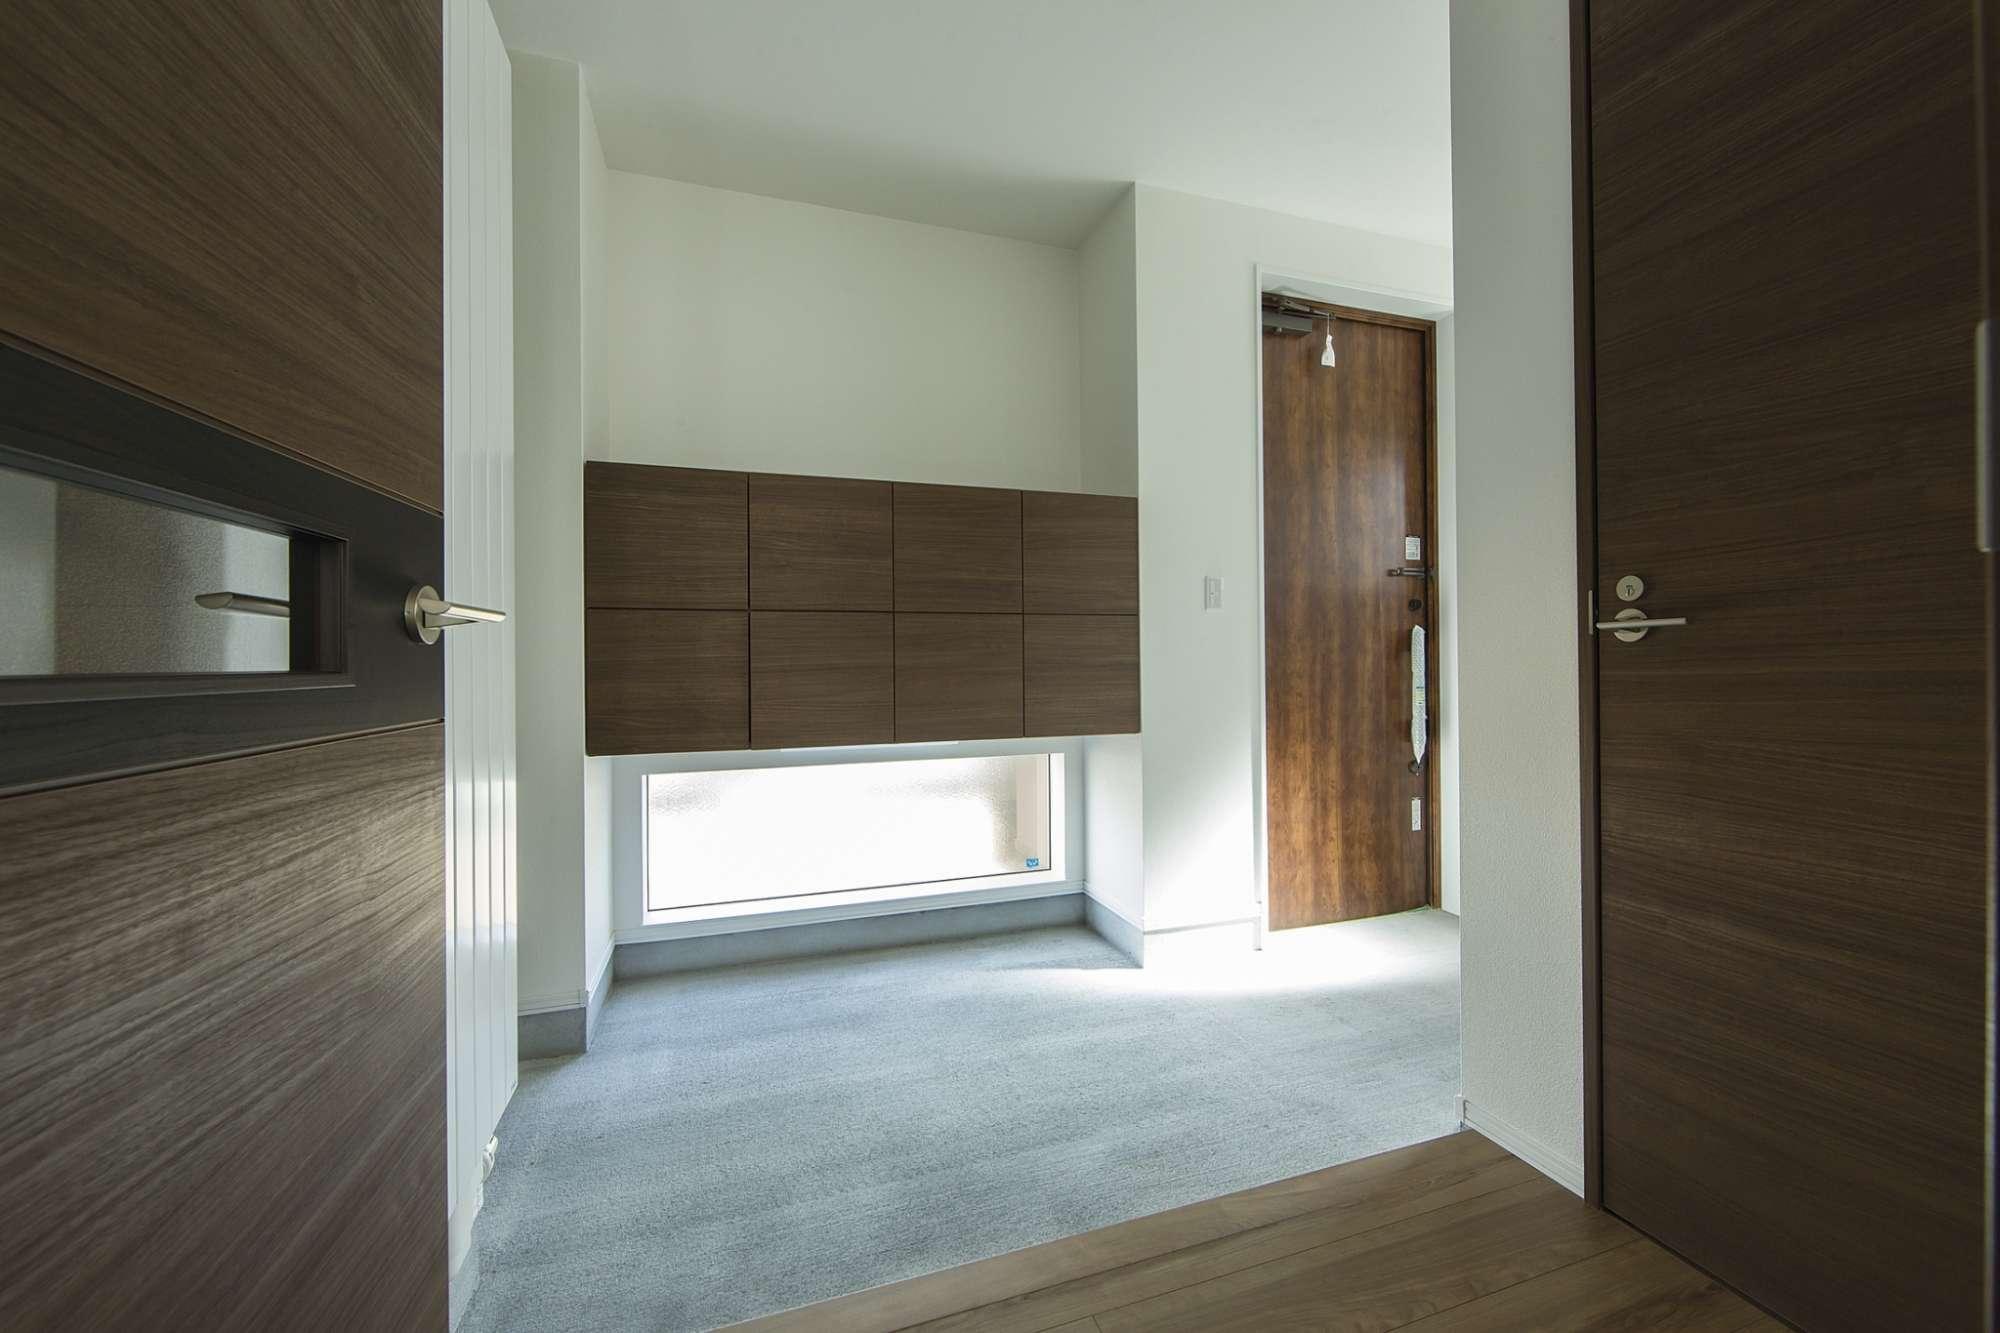 広い土間玄関。収納の下は地窓で光を取り入れる -  -  -